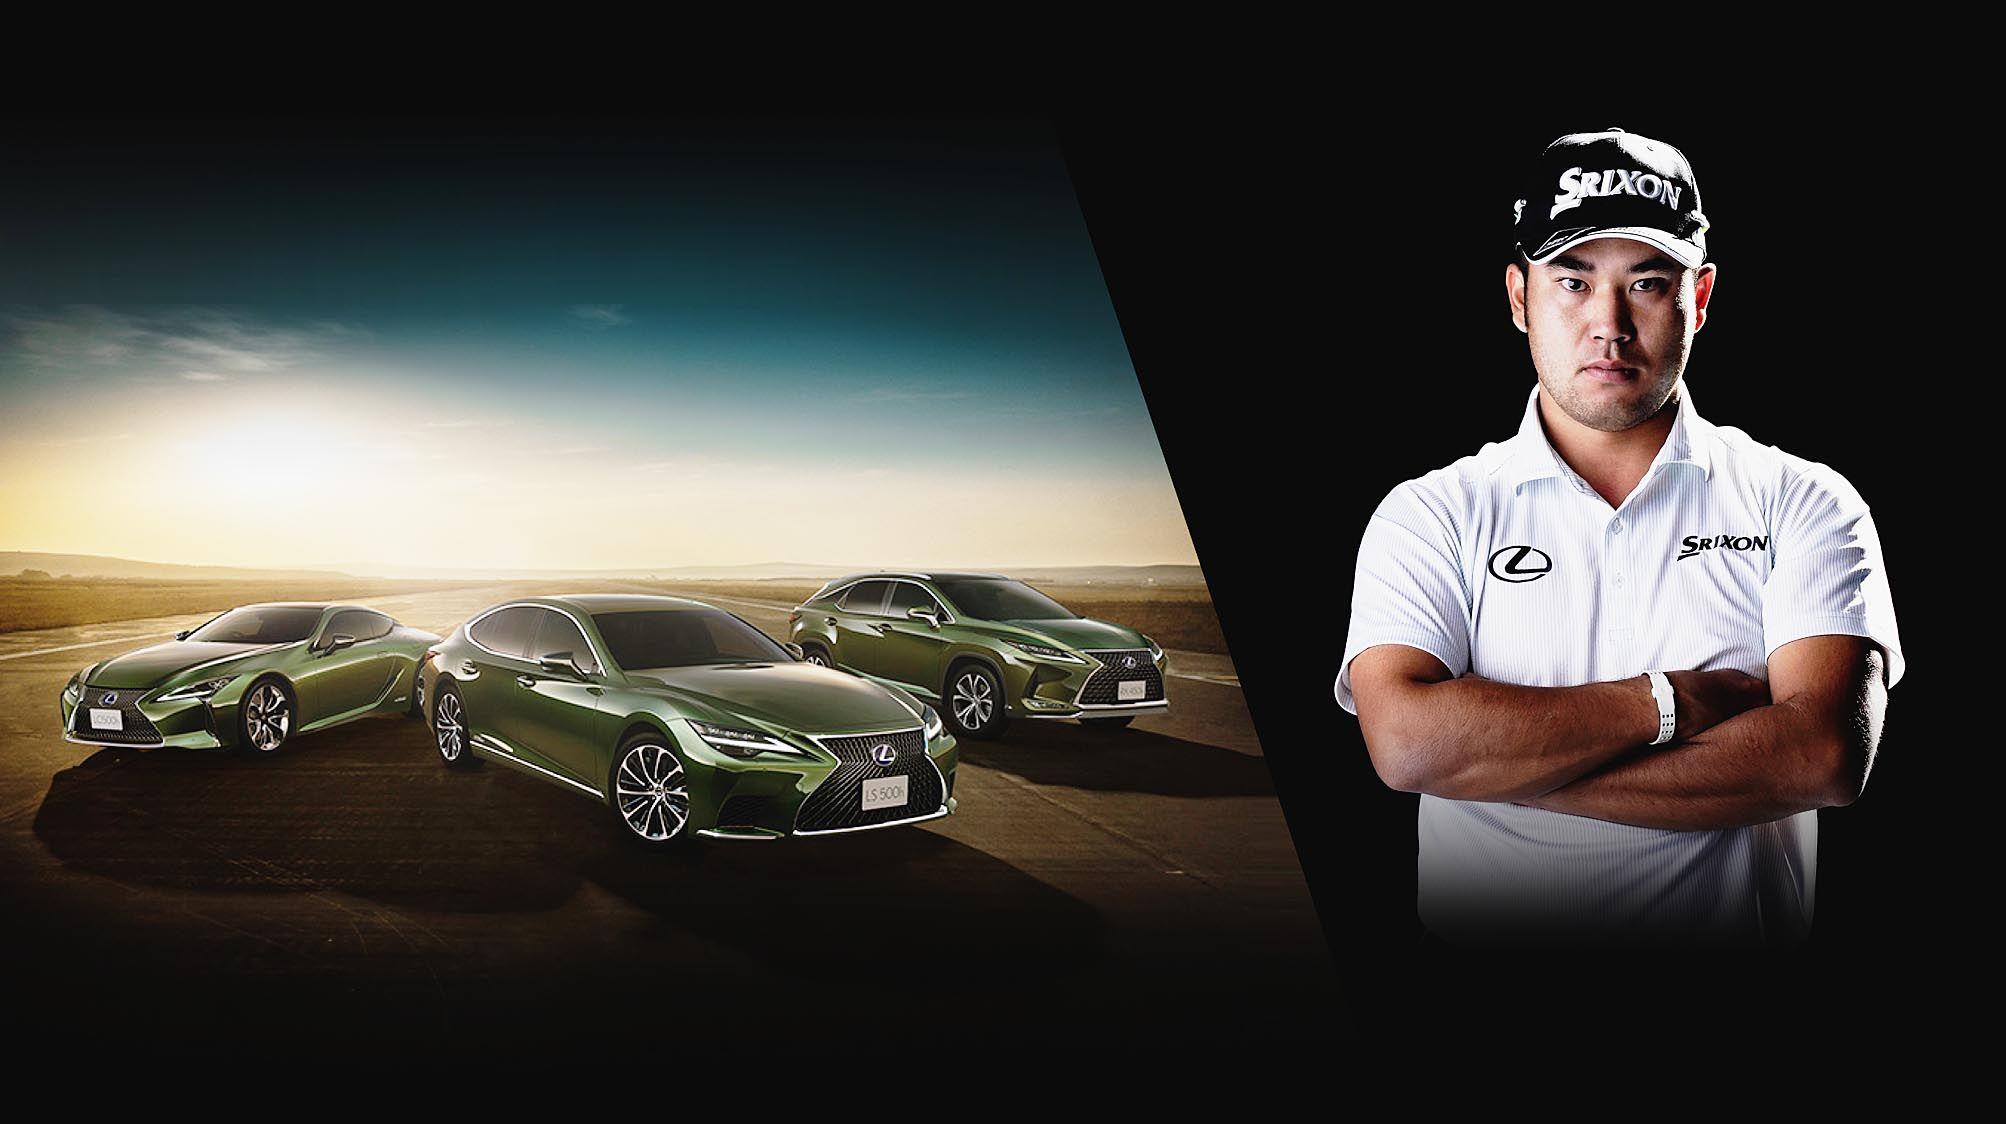 トヨタ、松山選手のメジャー初制覇記念しレクサスLS・LC・RXに限定車 レプリカキャディバッグ付き